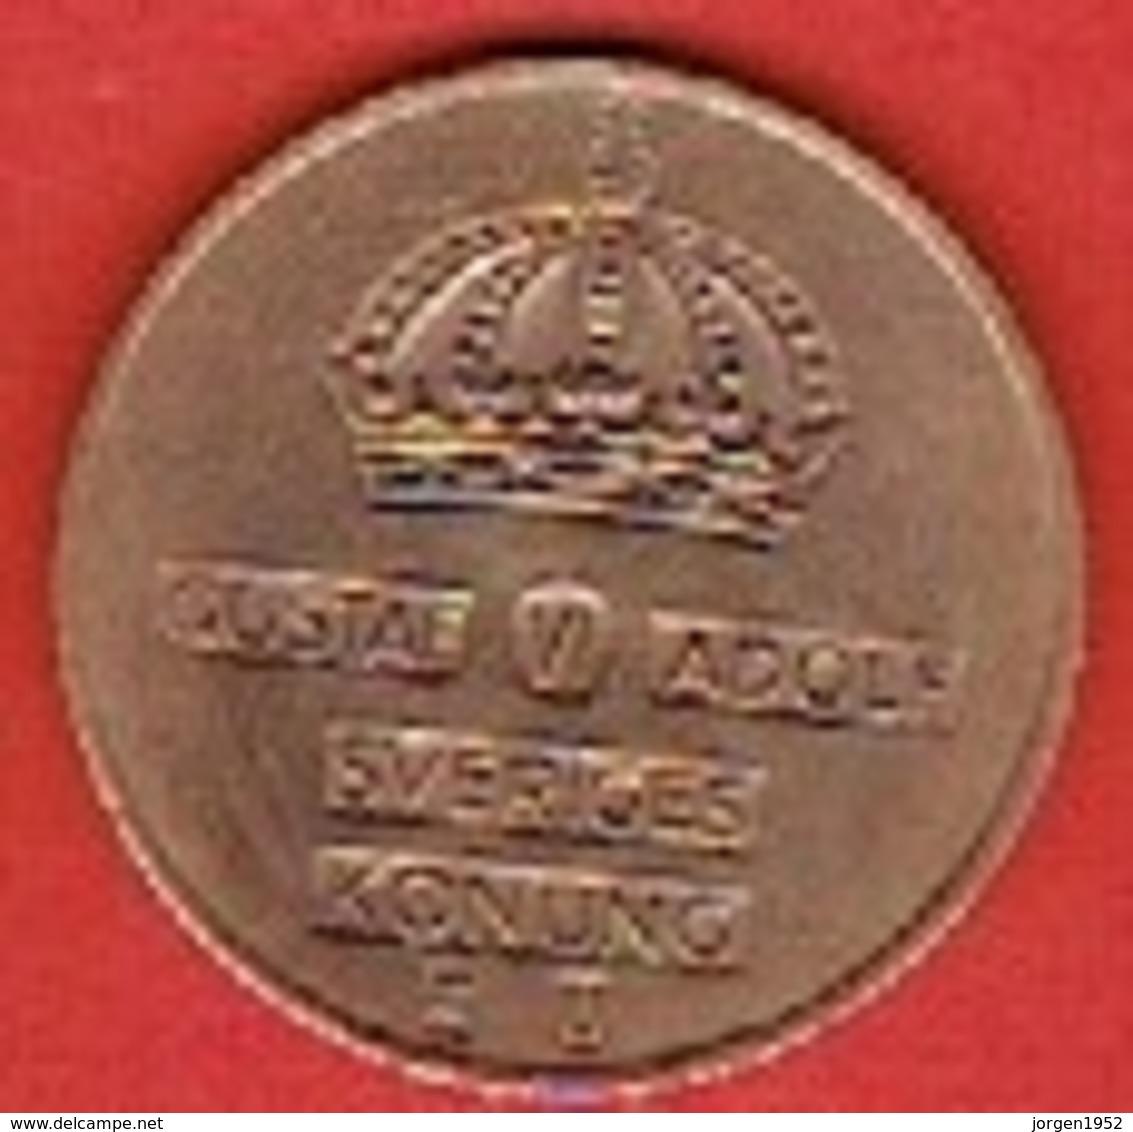 SWEDEN #  5 ØRE FROM 1970 - Suède